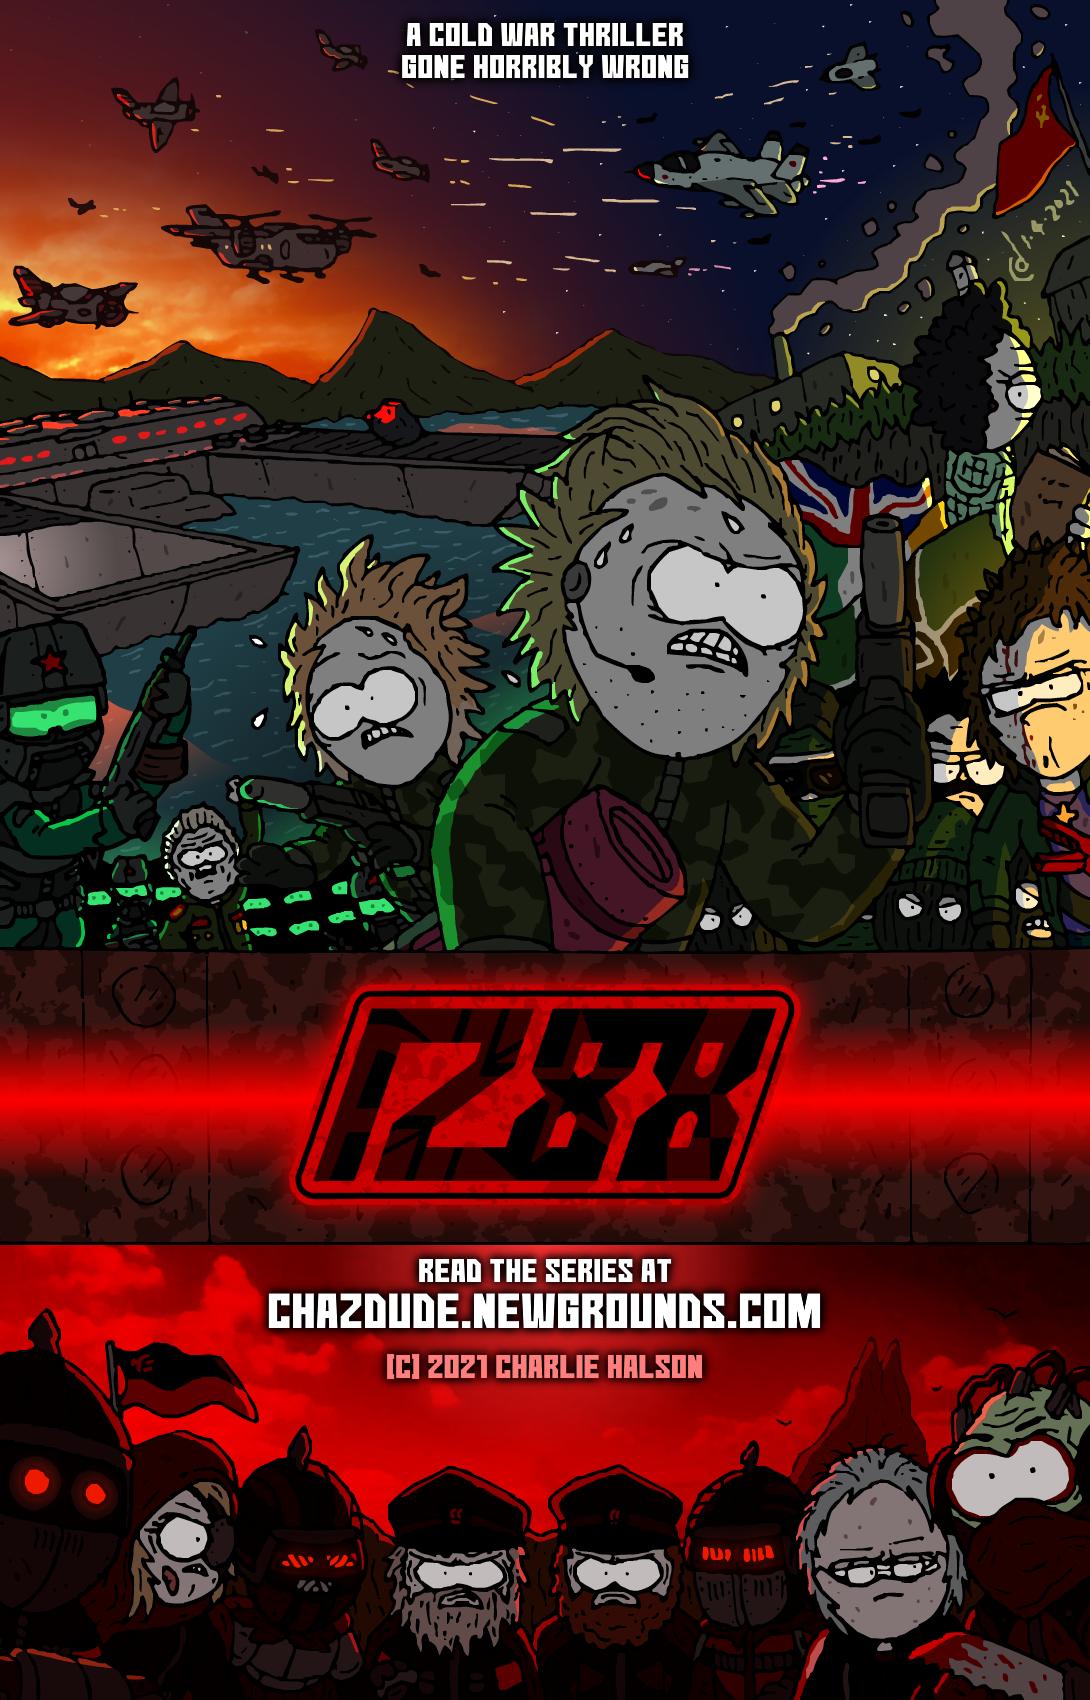 IZ88 Poster #2